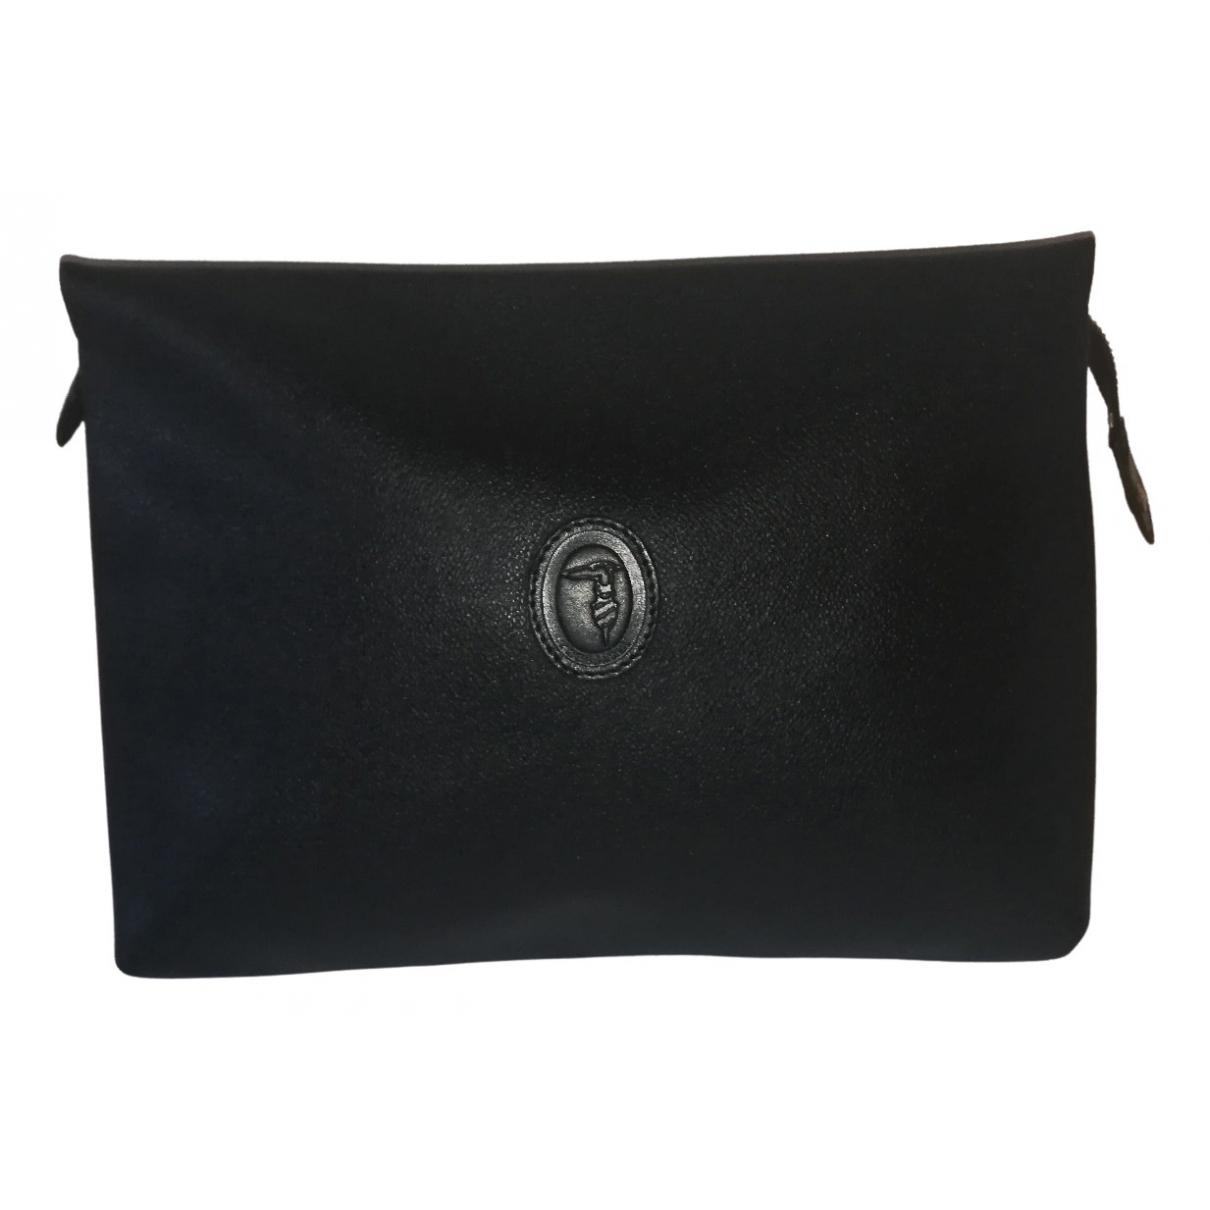 Trussardi \N Black Leather Clutch bag for Women \N